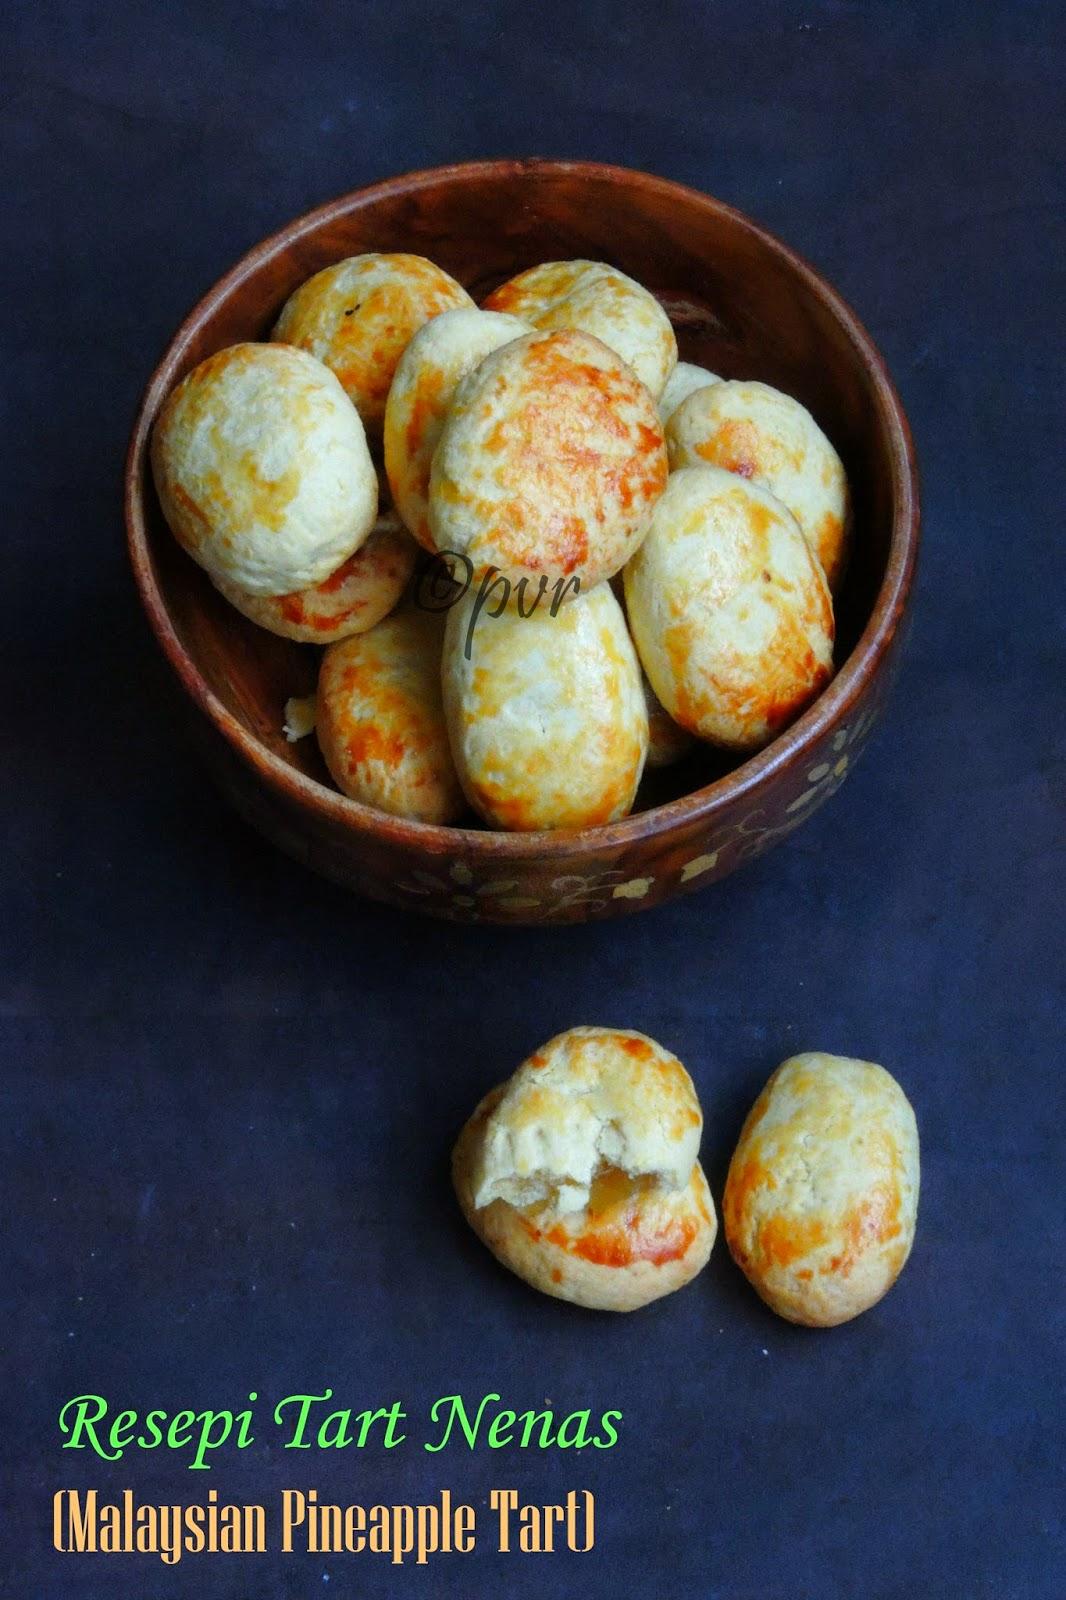 Pineapple tart cookies,Malaysian Pineapple Tart